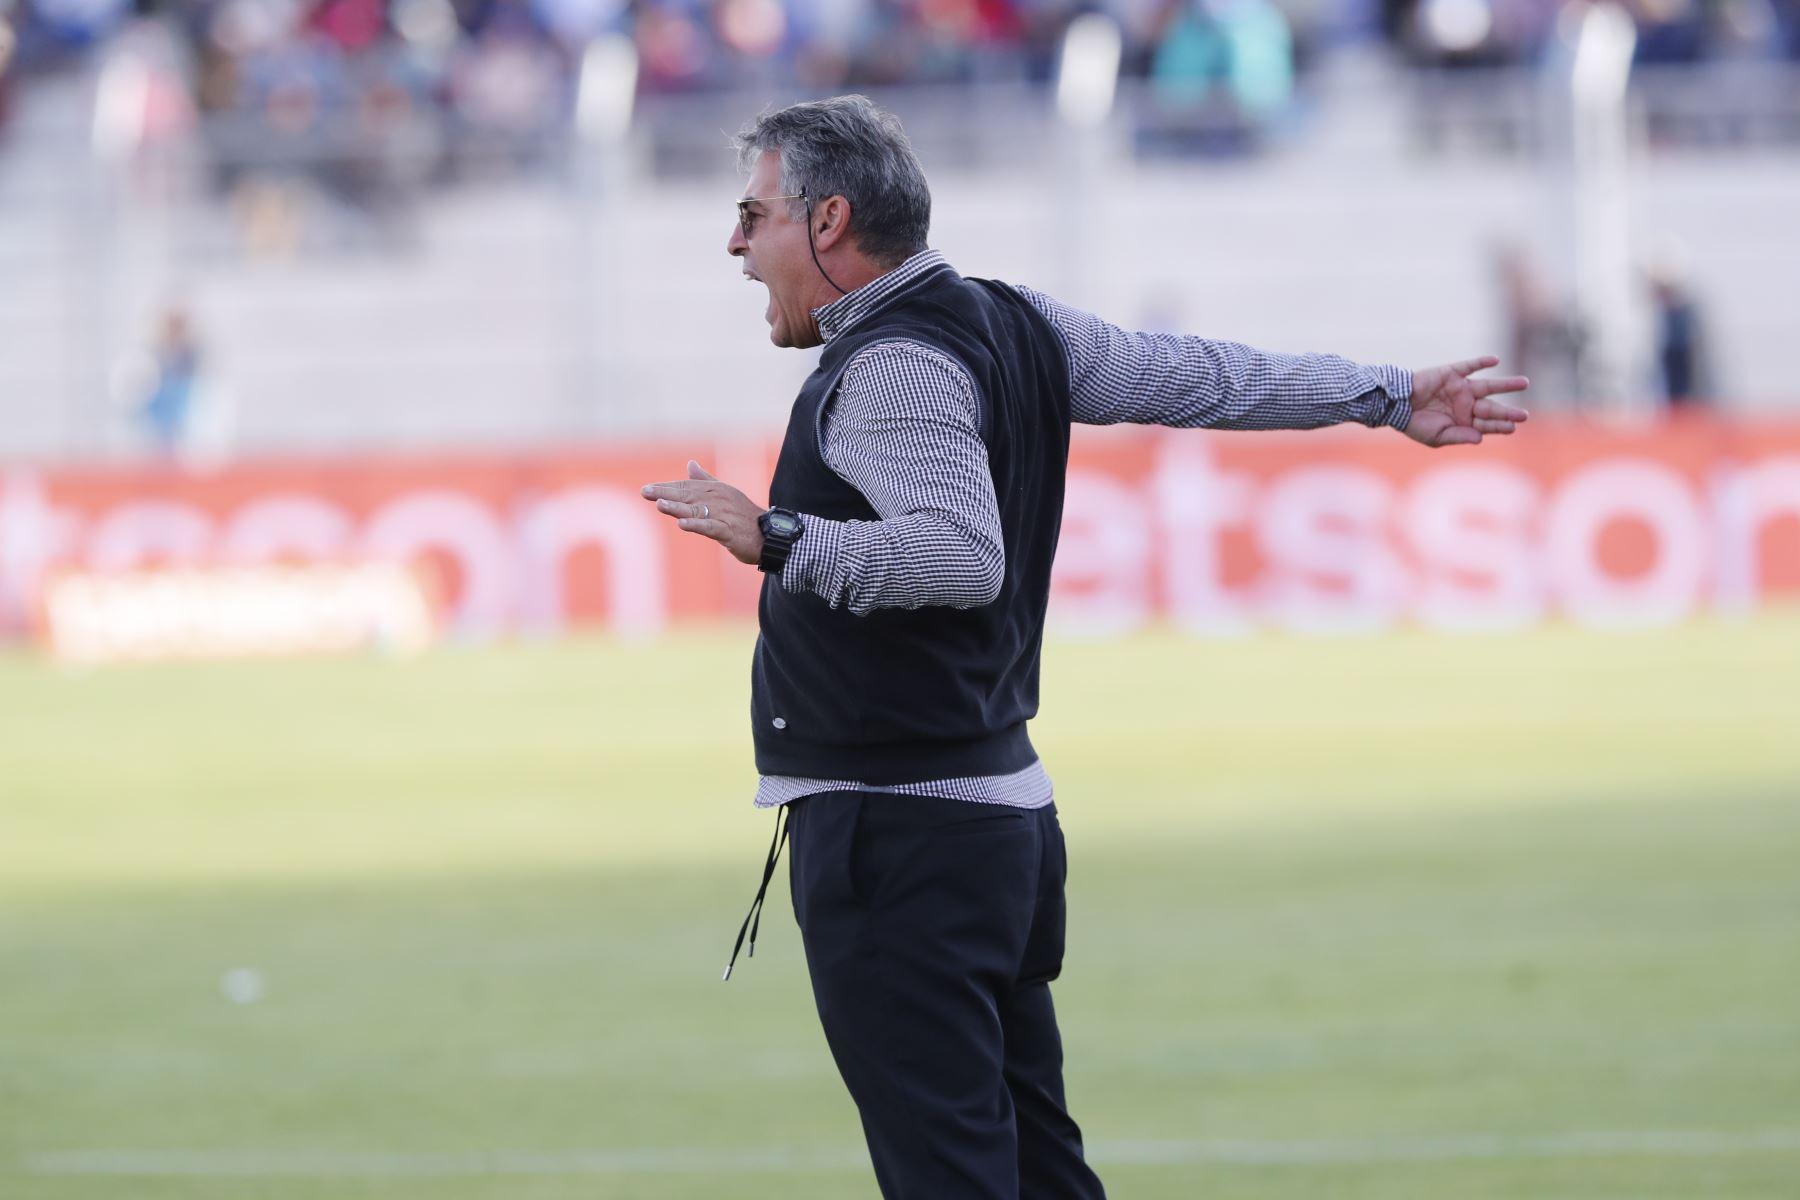 Entrenador de Alianza Lima, Pablo Bengochea grita durante el partido jugado ante Binacional en el partido de ida en la final del fútbol peruano por la Liga 1, en la ciudad de Juliaca – Puno. Foto: ANDINA/Carlos Lezama